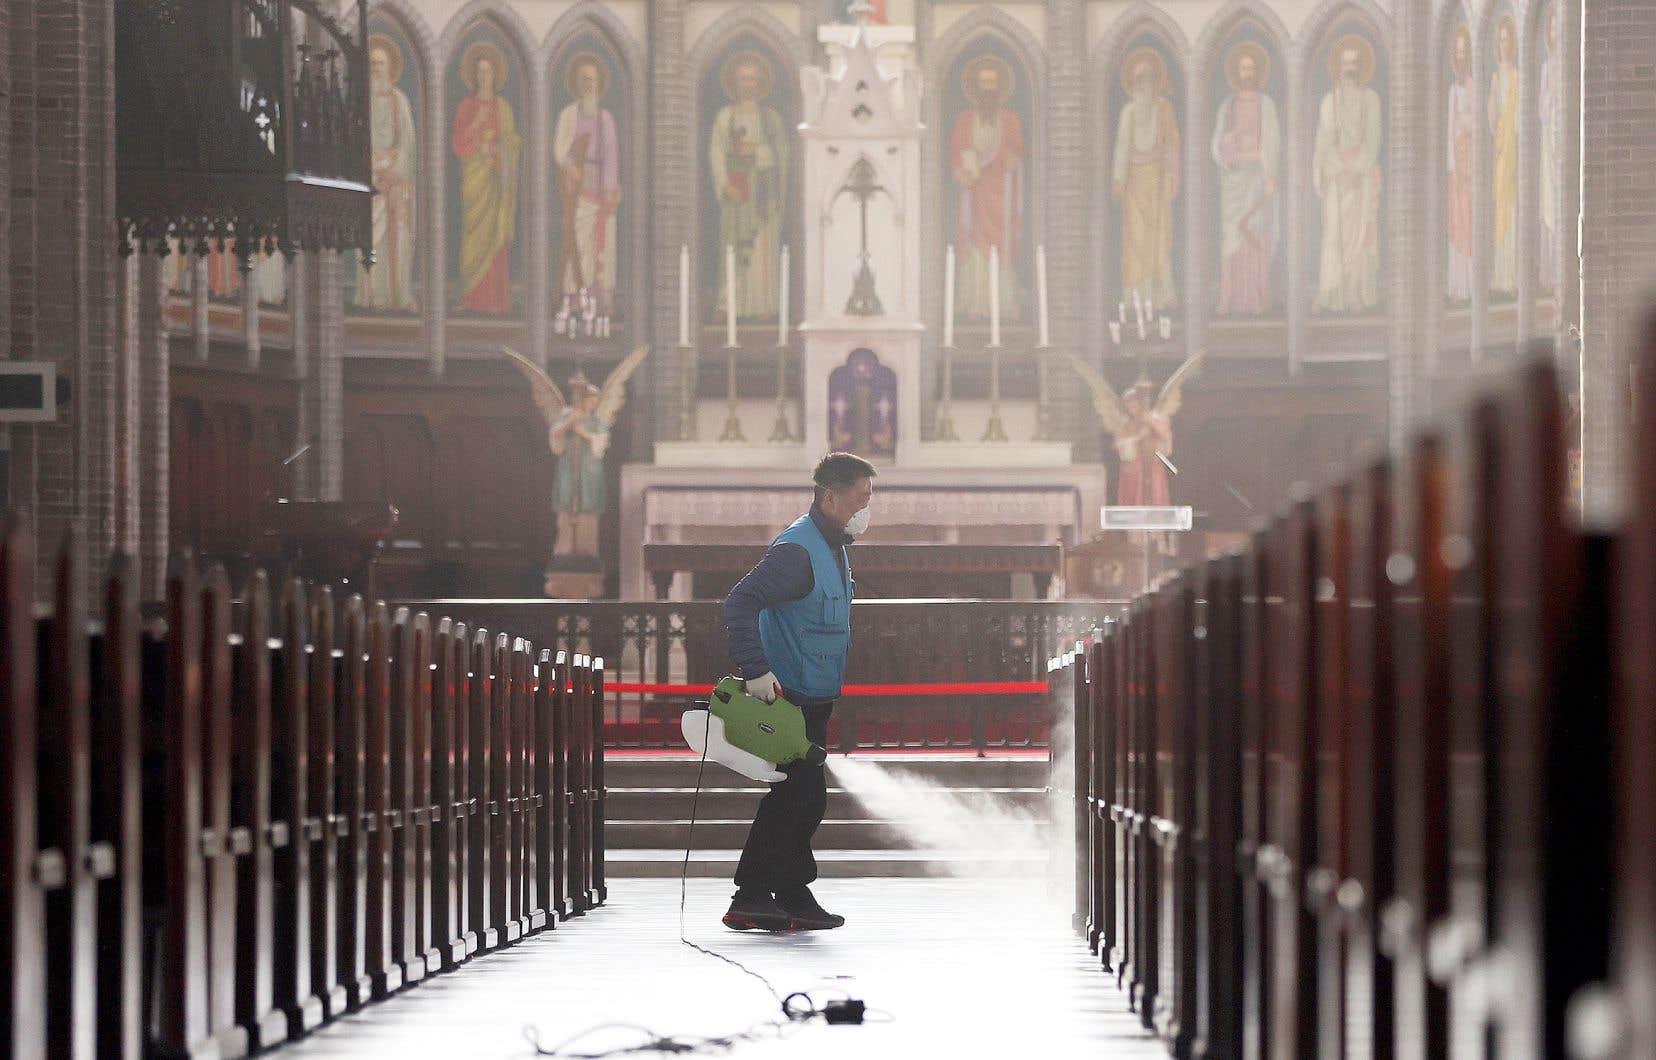 Un homme désinfectait les bancs de la cathédrale de Myeongdong, à Séoul, mercredi. La Corée du Sud reste le premier foyer de contamination après la Chine, avec près de 1600 cas répertoriés.